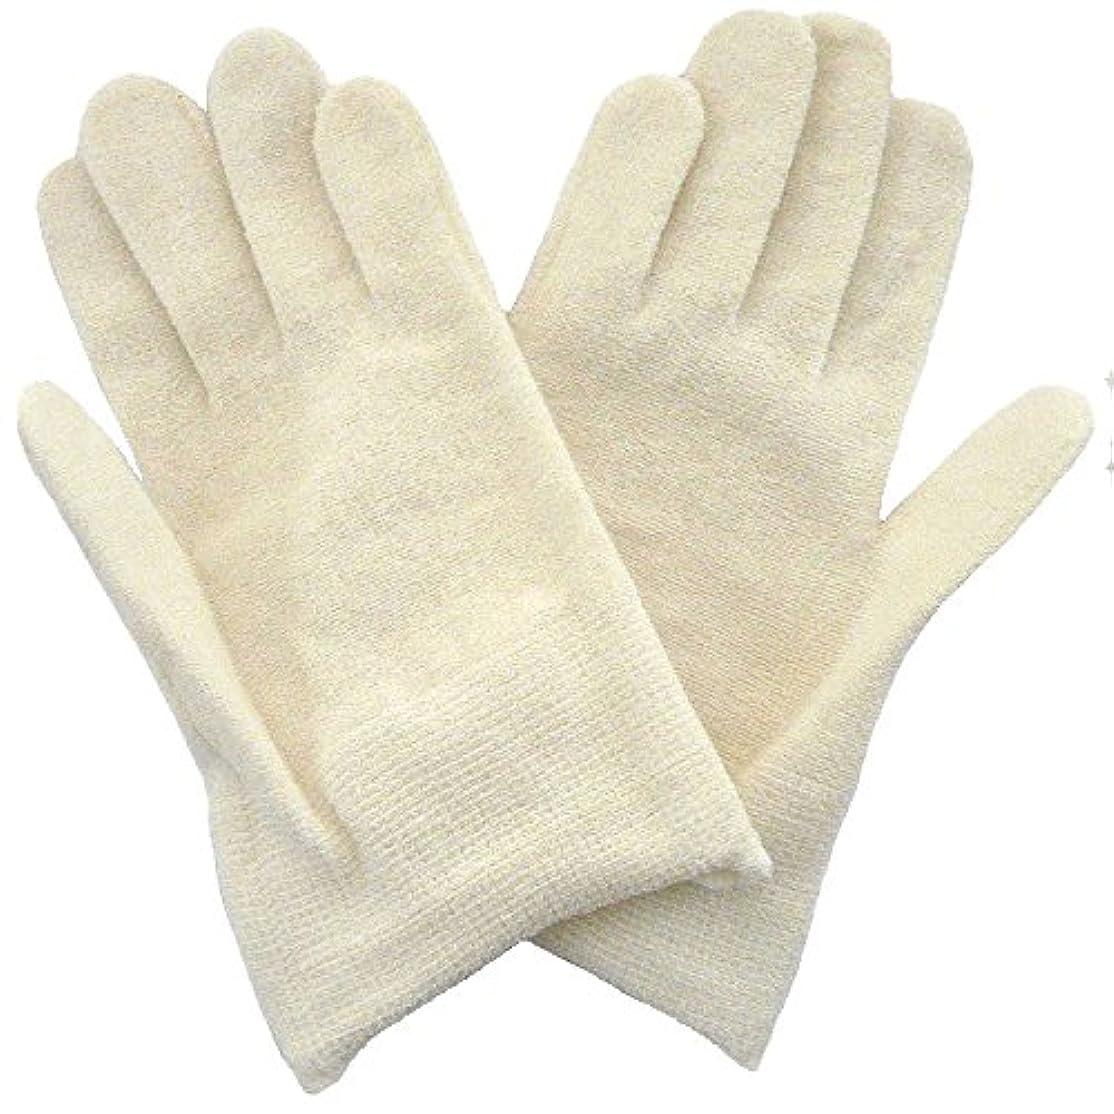 ファッション憂鬱な商品【アトピー】【水疱瘡】【皮膚炎】 ナノミックス おやすみ手袋:キッズ用 アイボリー